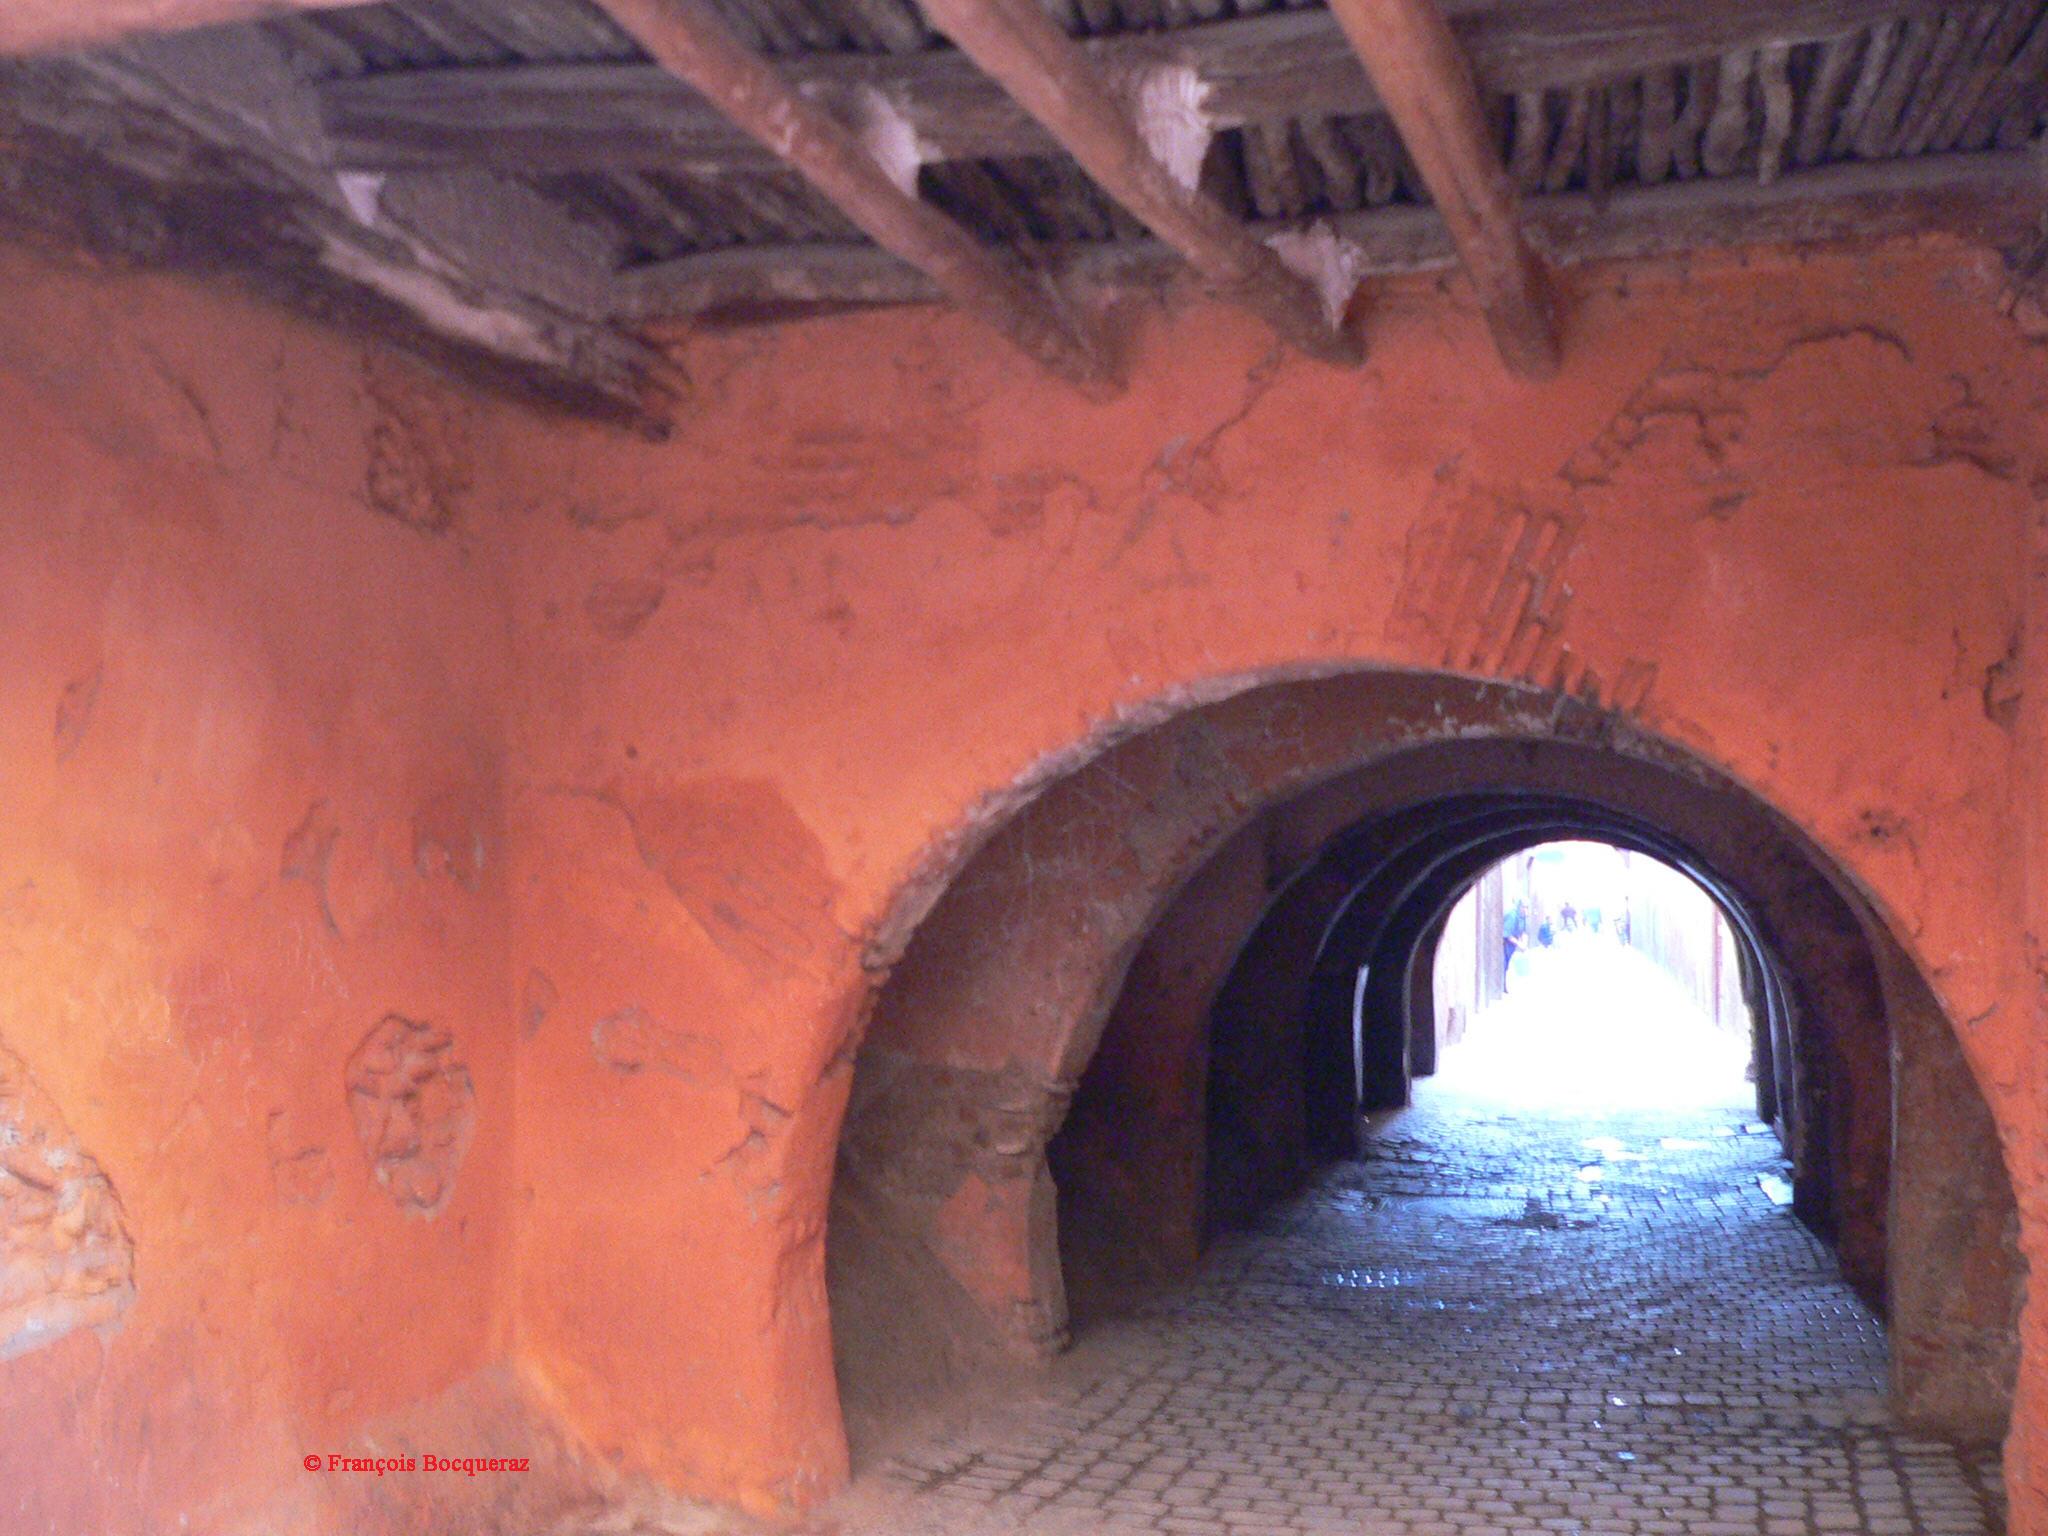 rue-de-la-medina-marrakech